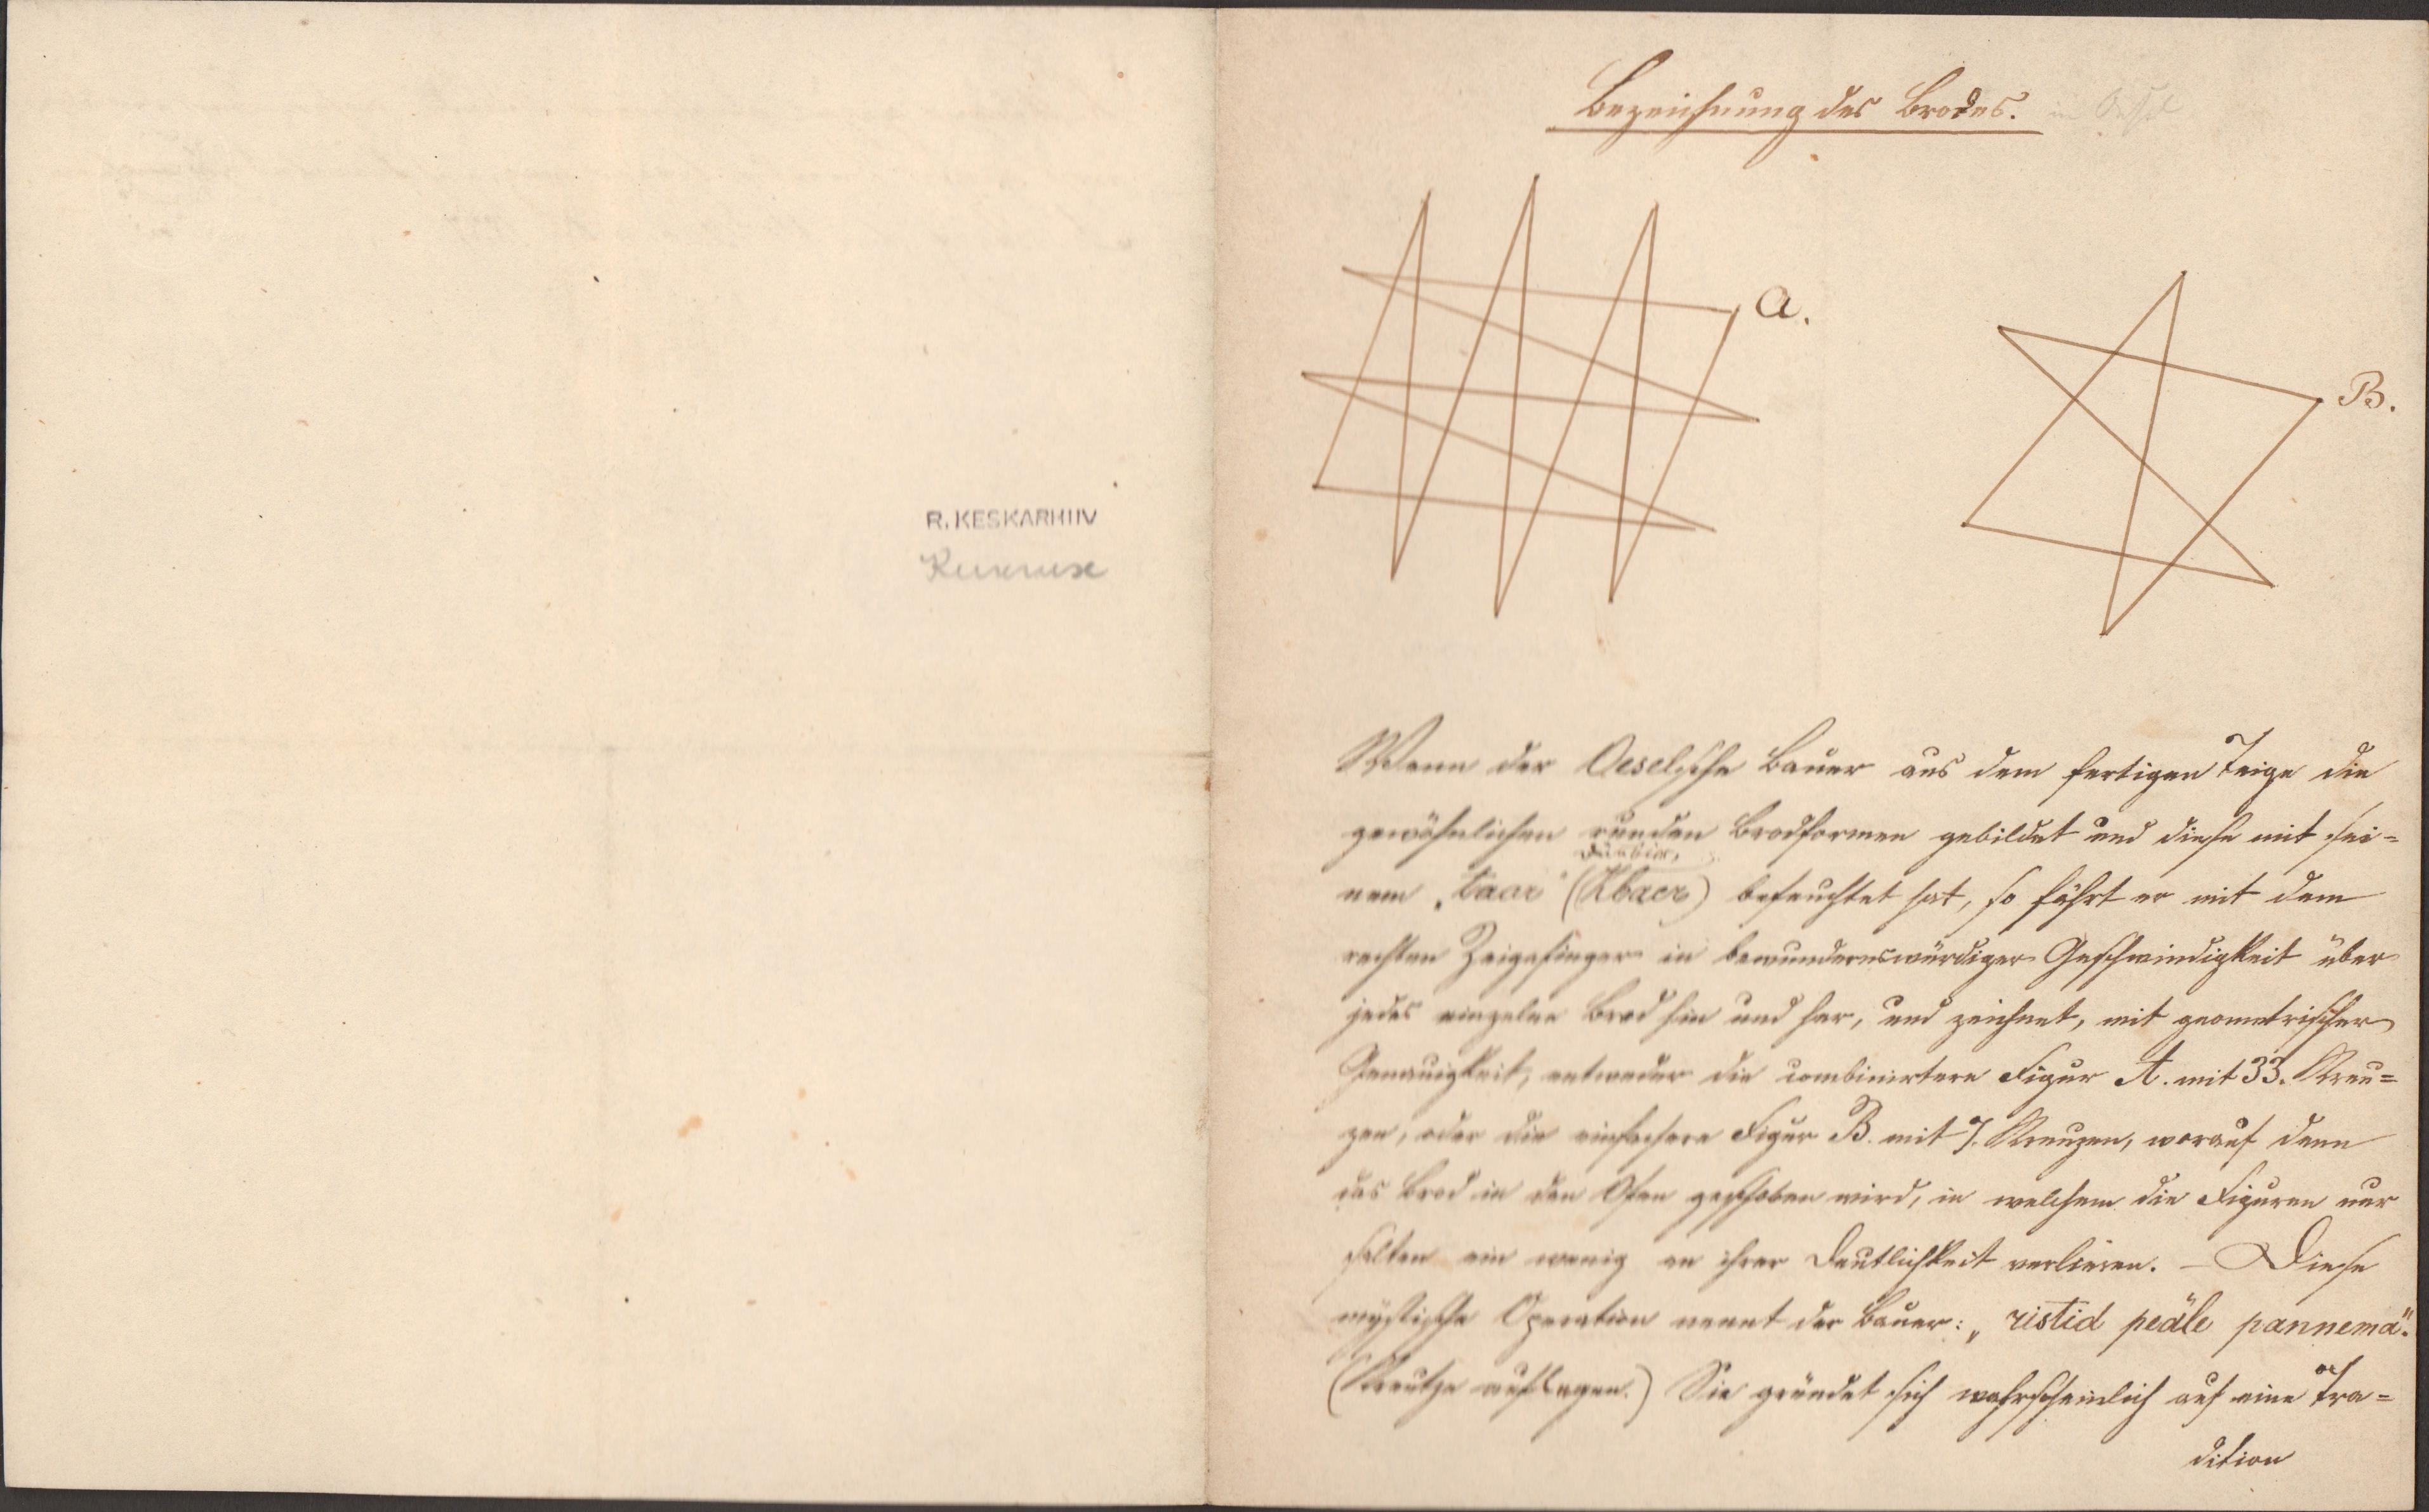 Ilmselt perekond Buxhöwdeni esindaja poolt 1837. aastal Saaremaal ülestähendatud kirjeldus sellest, kui oluline oli kaitsta oma toitu kurja silma, nõidade ja muu halva eest teatud sümboolikaga. EAA.2069.1.827